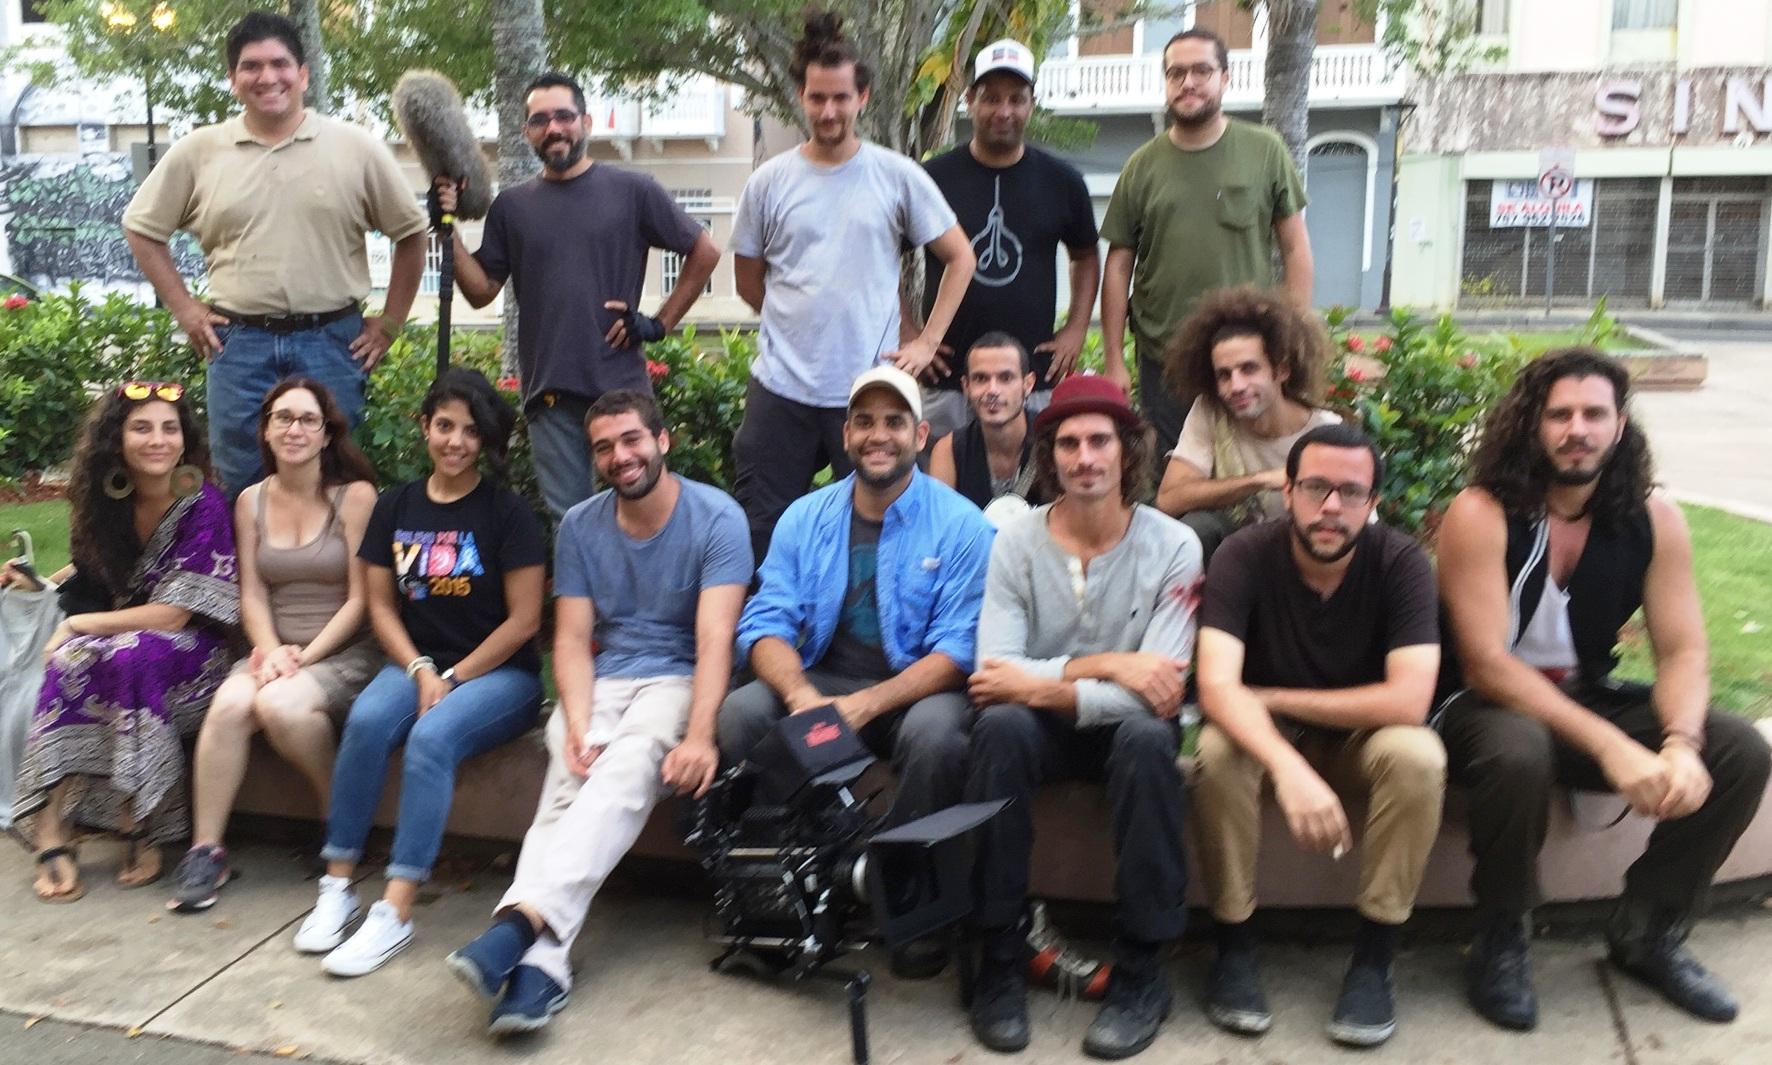 Jóvenes cineastas del País exhibirán seis cortometrajes en la muestra. (Foto suministrada)